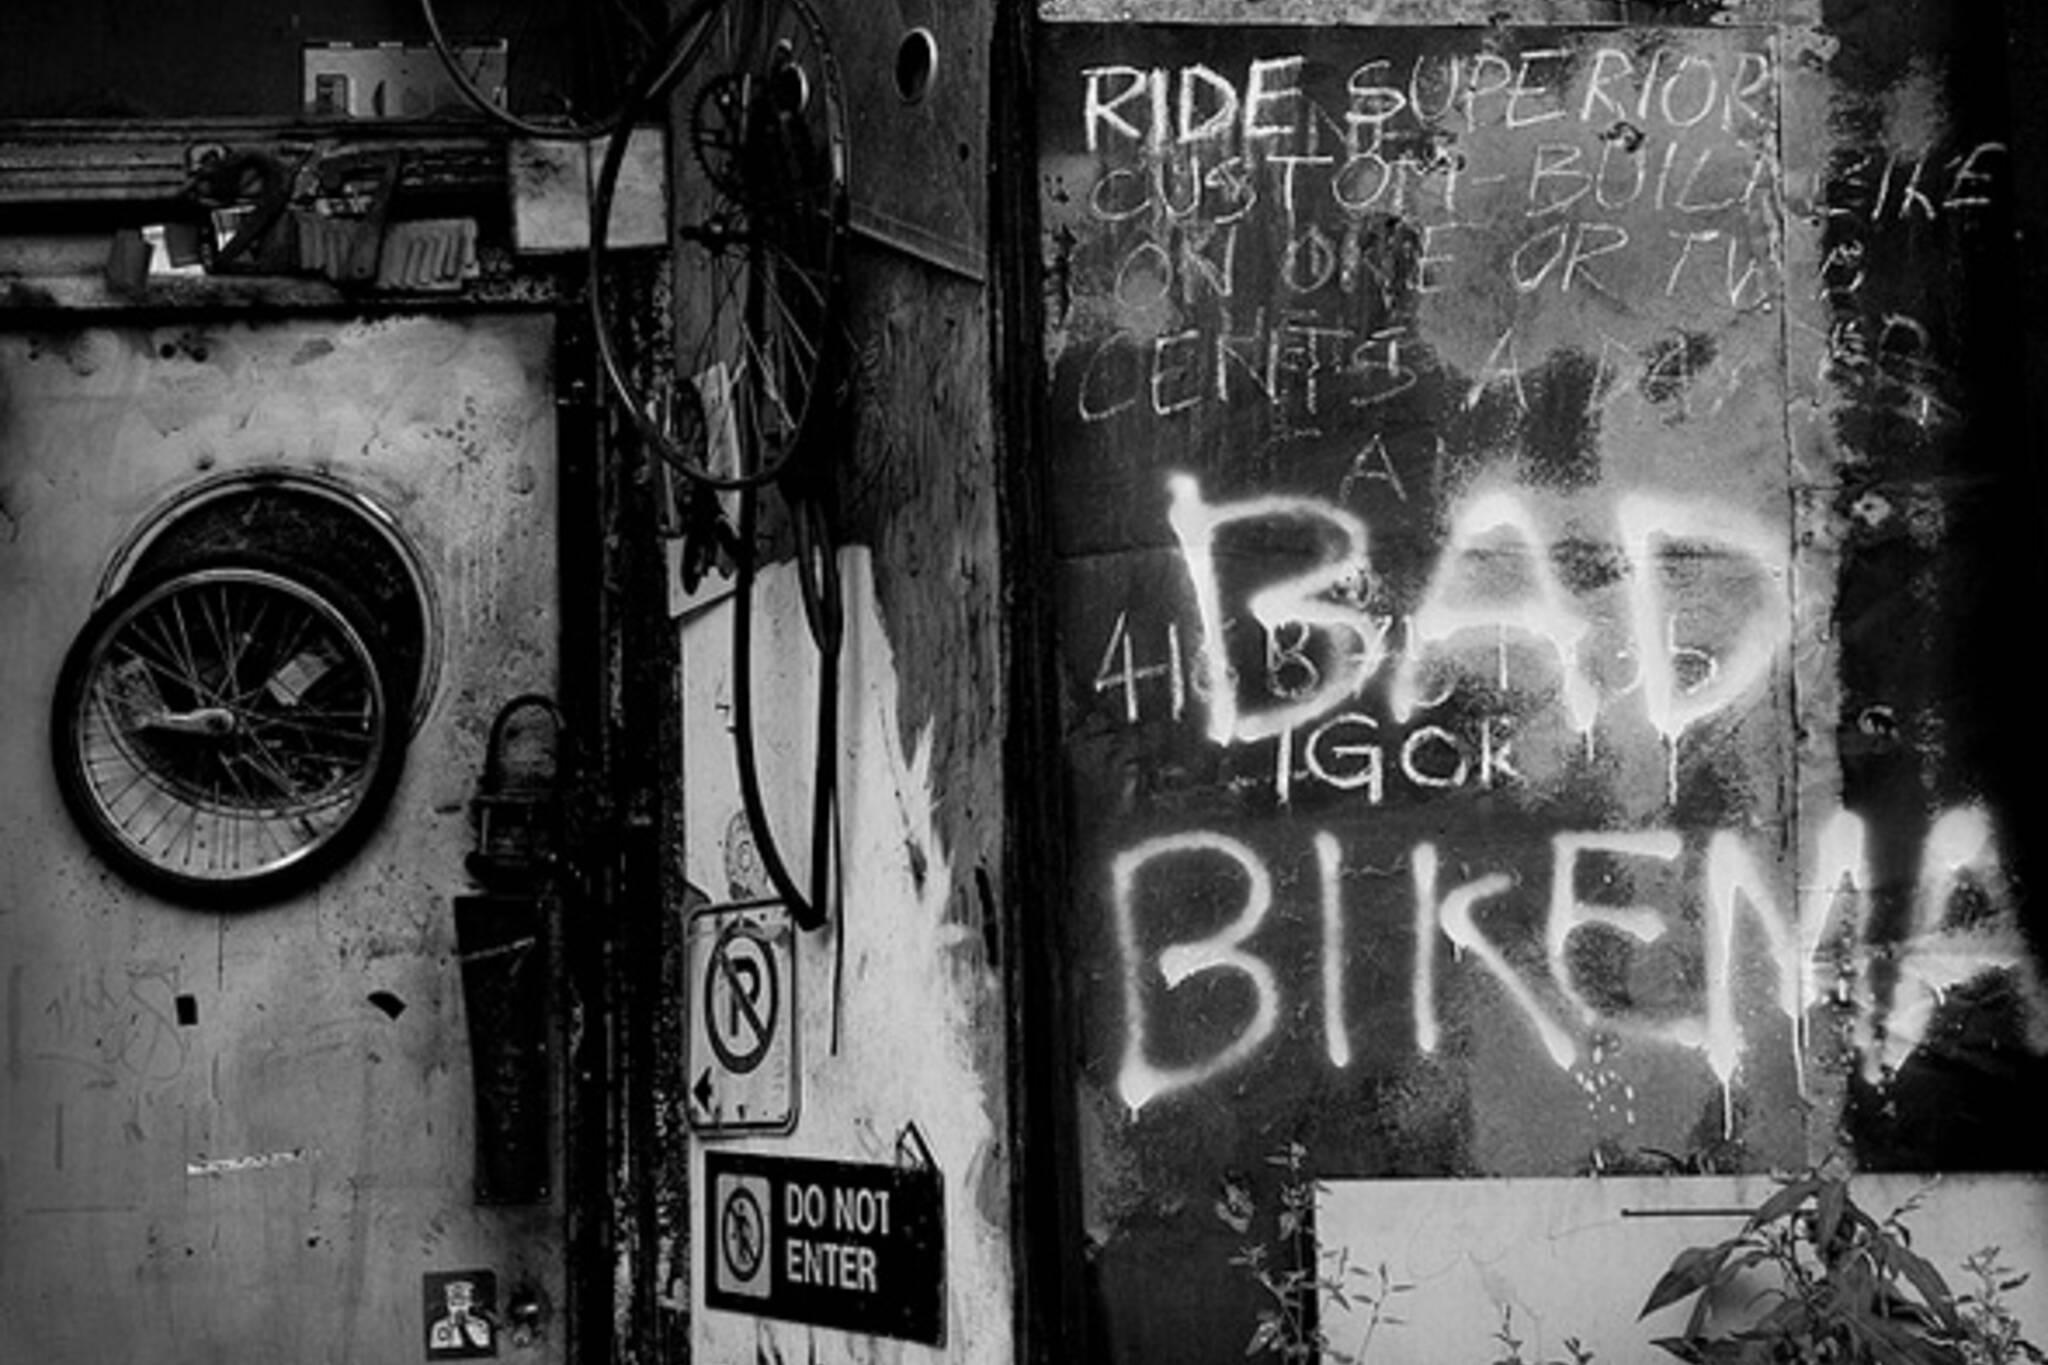 Toronto bike thief